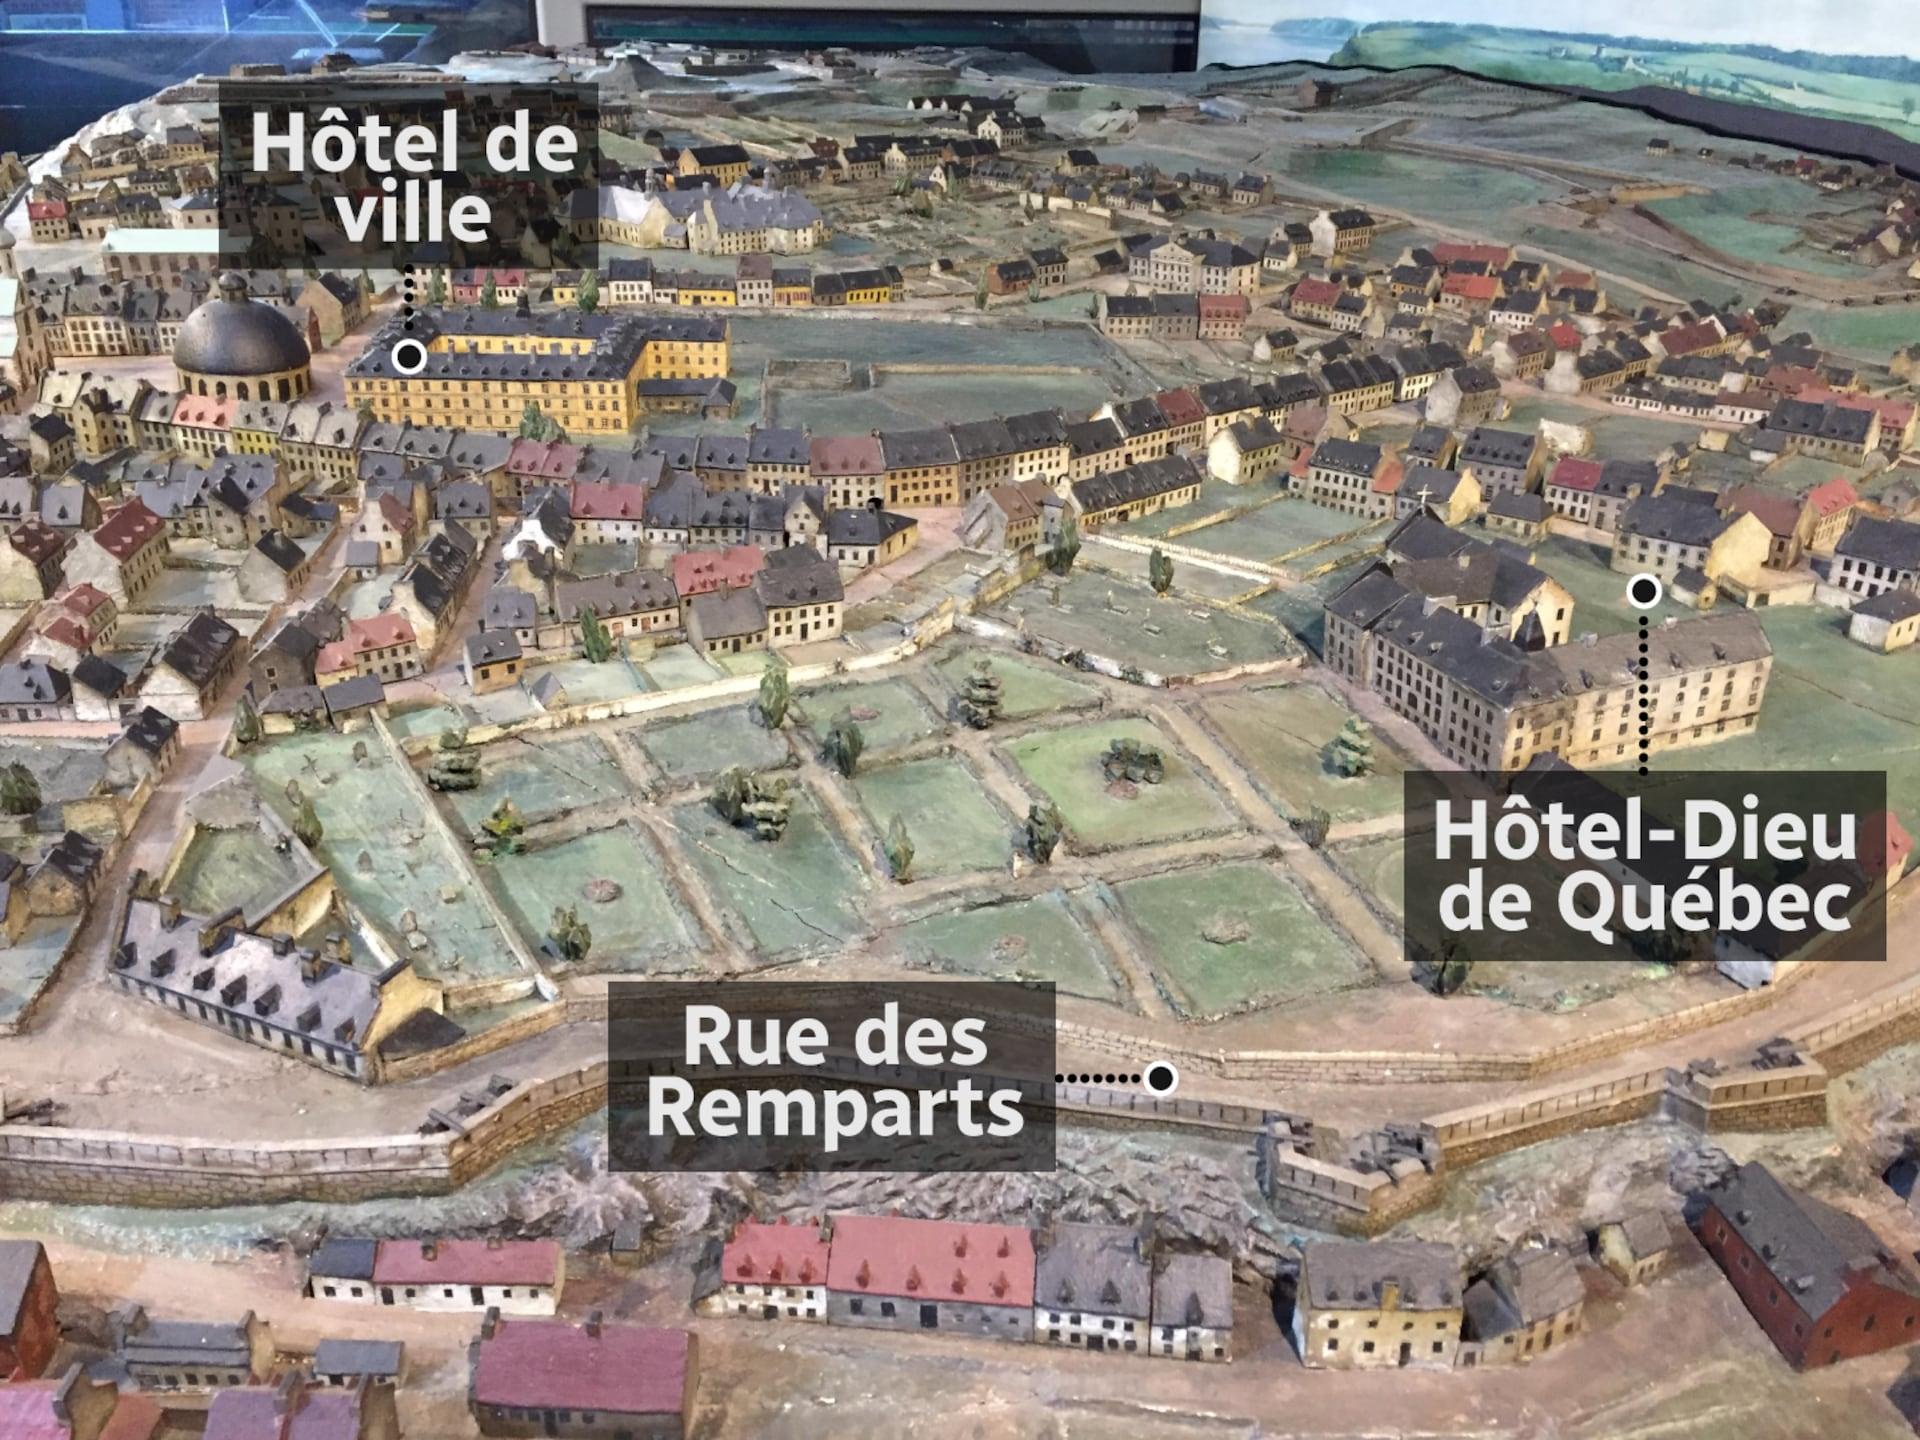 Le cimetière des Picotés se trouve au bout des vastes terres des Augustines et de l'Hôtel-Dieu sur la maquette. Il est situé derrière l'imposante Maison Montcalm. La rue des Remparts qui serpente le long des fortifications comporte alors très peu de maisons.